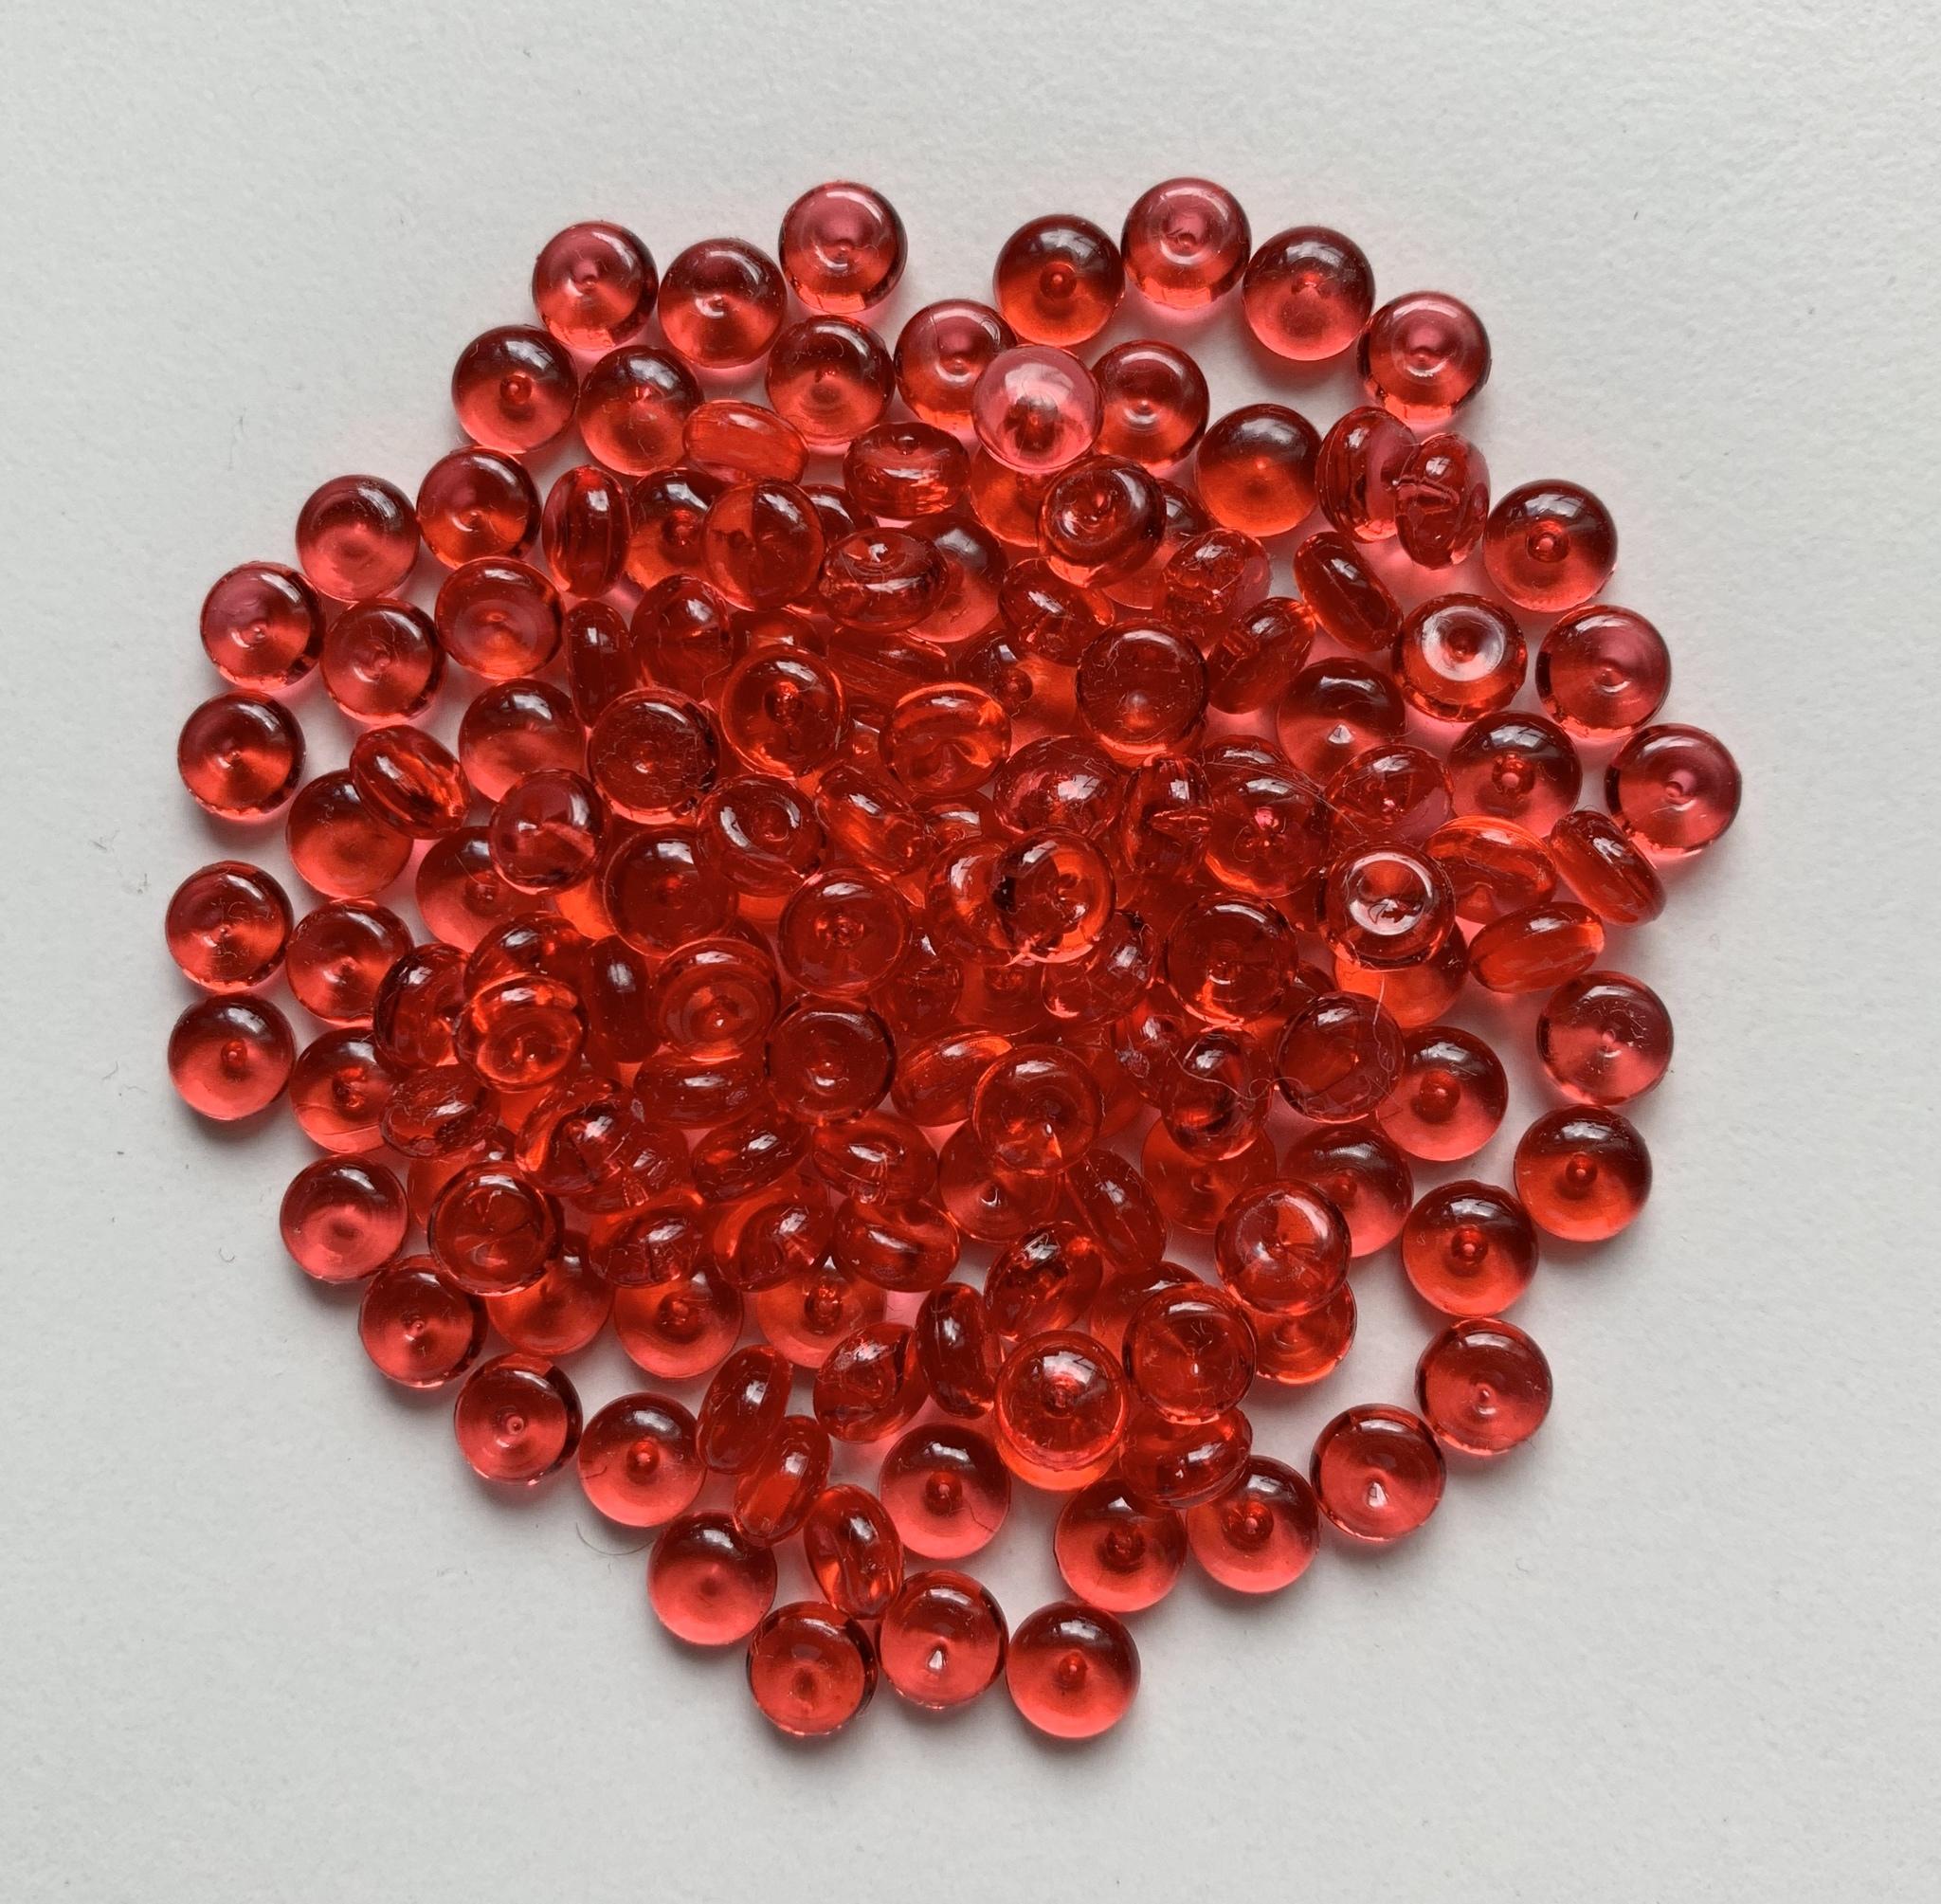 Фишболы для слайма гранулят красный